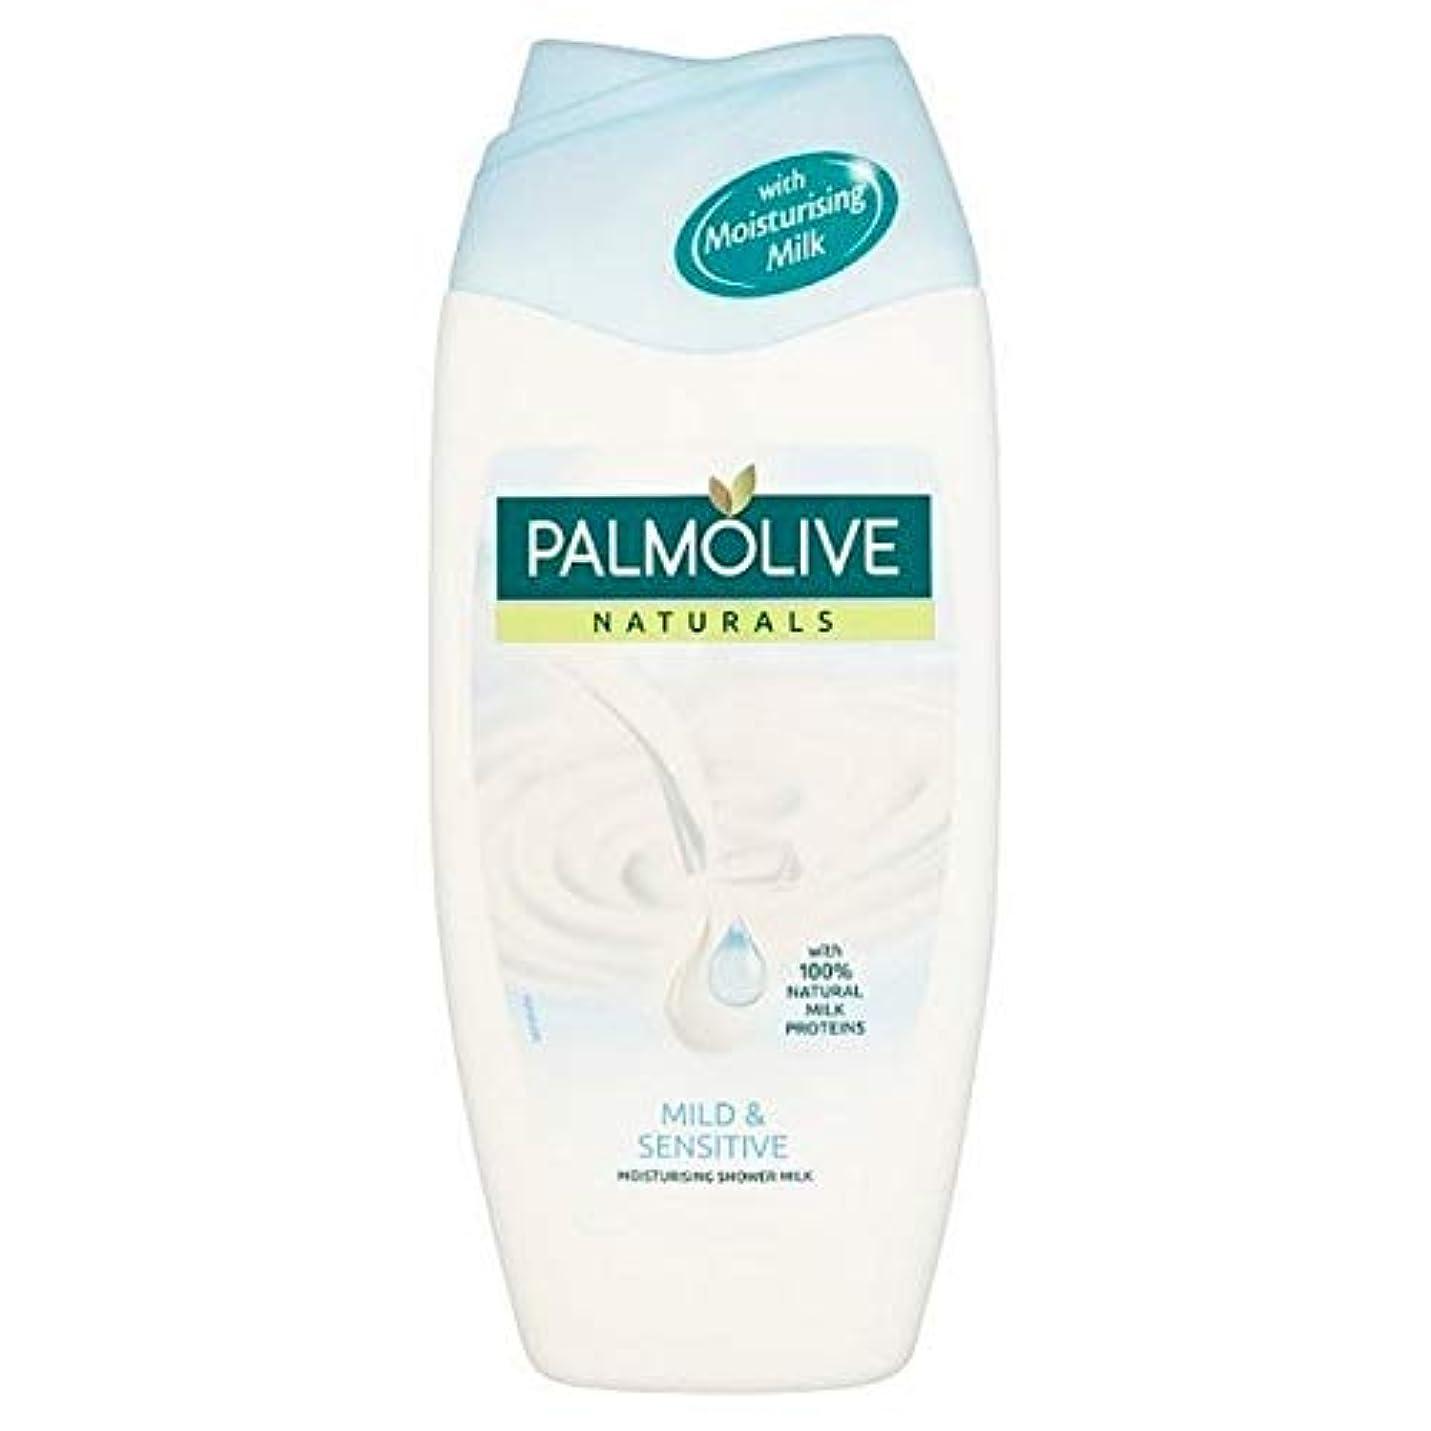 シャーロットブロンテ降下なぜなら[Palmolive ] パルモライブナチュラル敏感肌シャワージェルクリーム250ミリリットル - Palmolive Naturals Sensitive Skin Shower Gel Cream 250ml [並行輸入品]